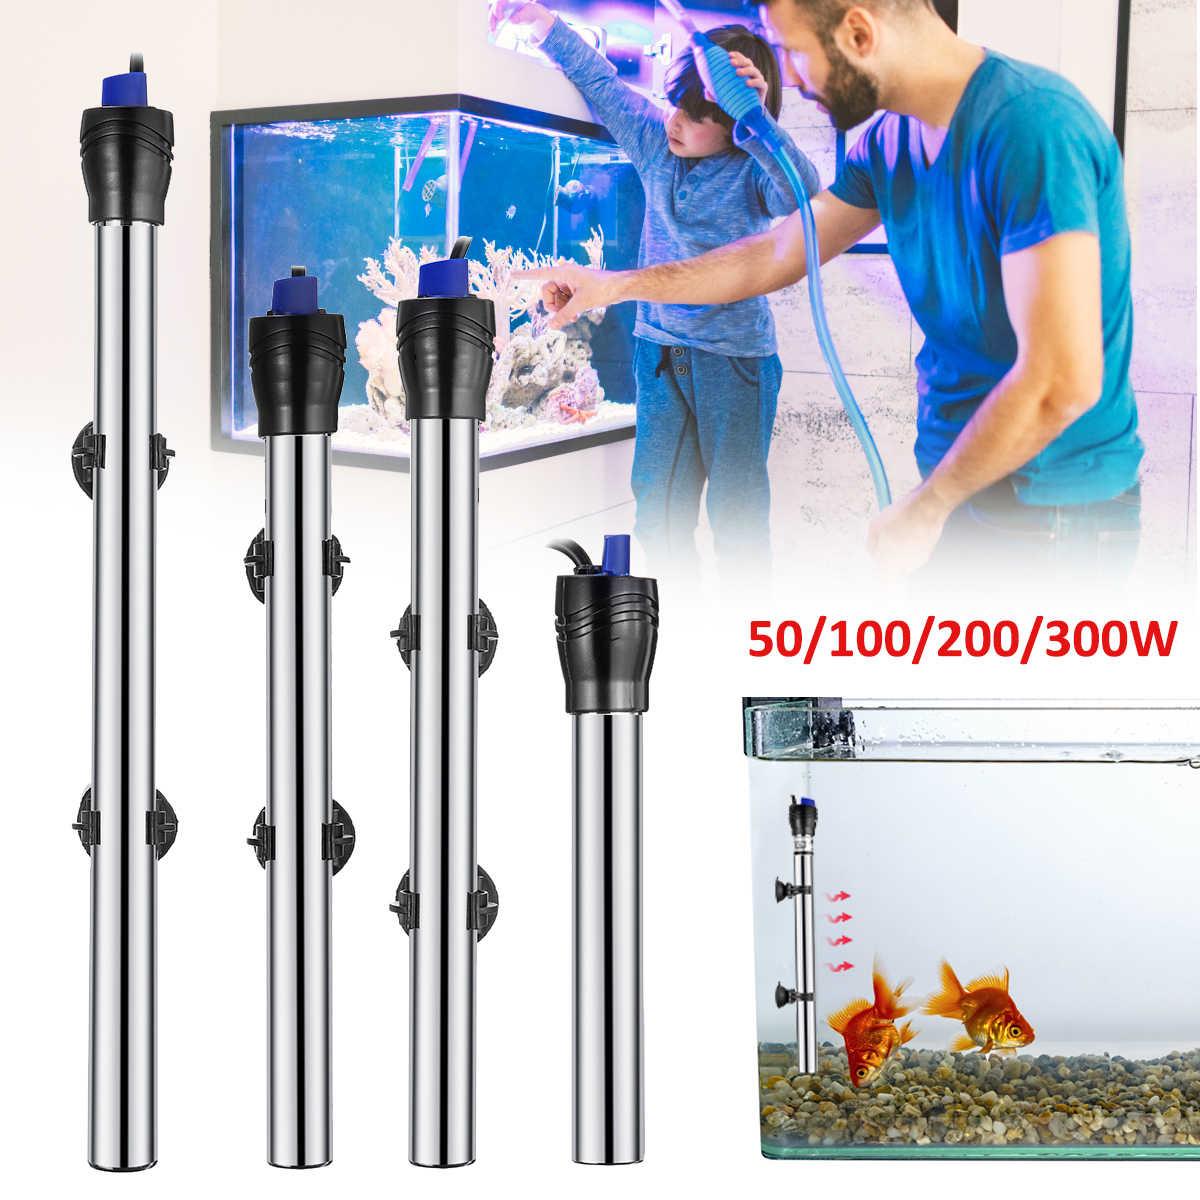 50/100/200/300 W Stainless Steel Submersible Water Heater Penghangat Ruangan Rod Apo untuk Ikan Aquarium Tank kontrol Suhu Konstan